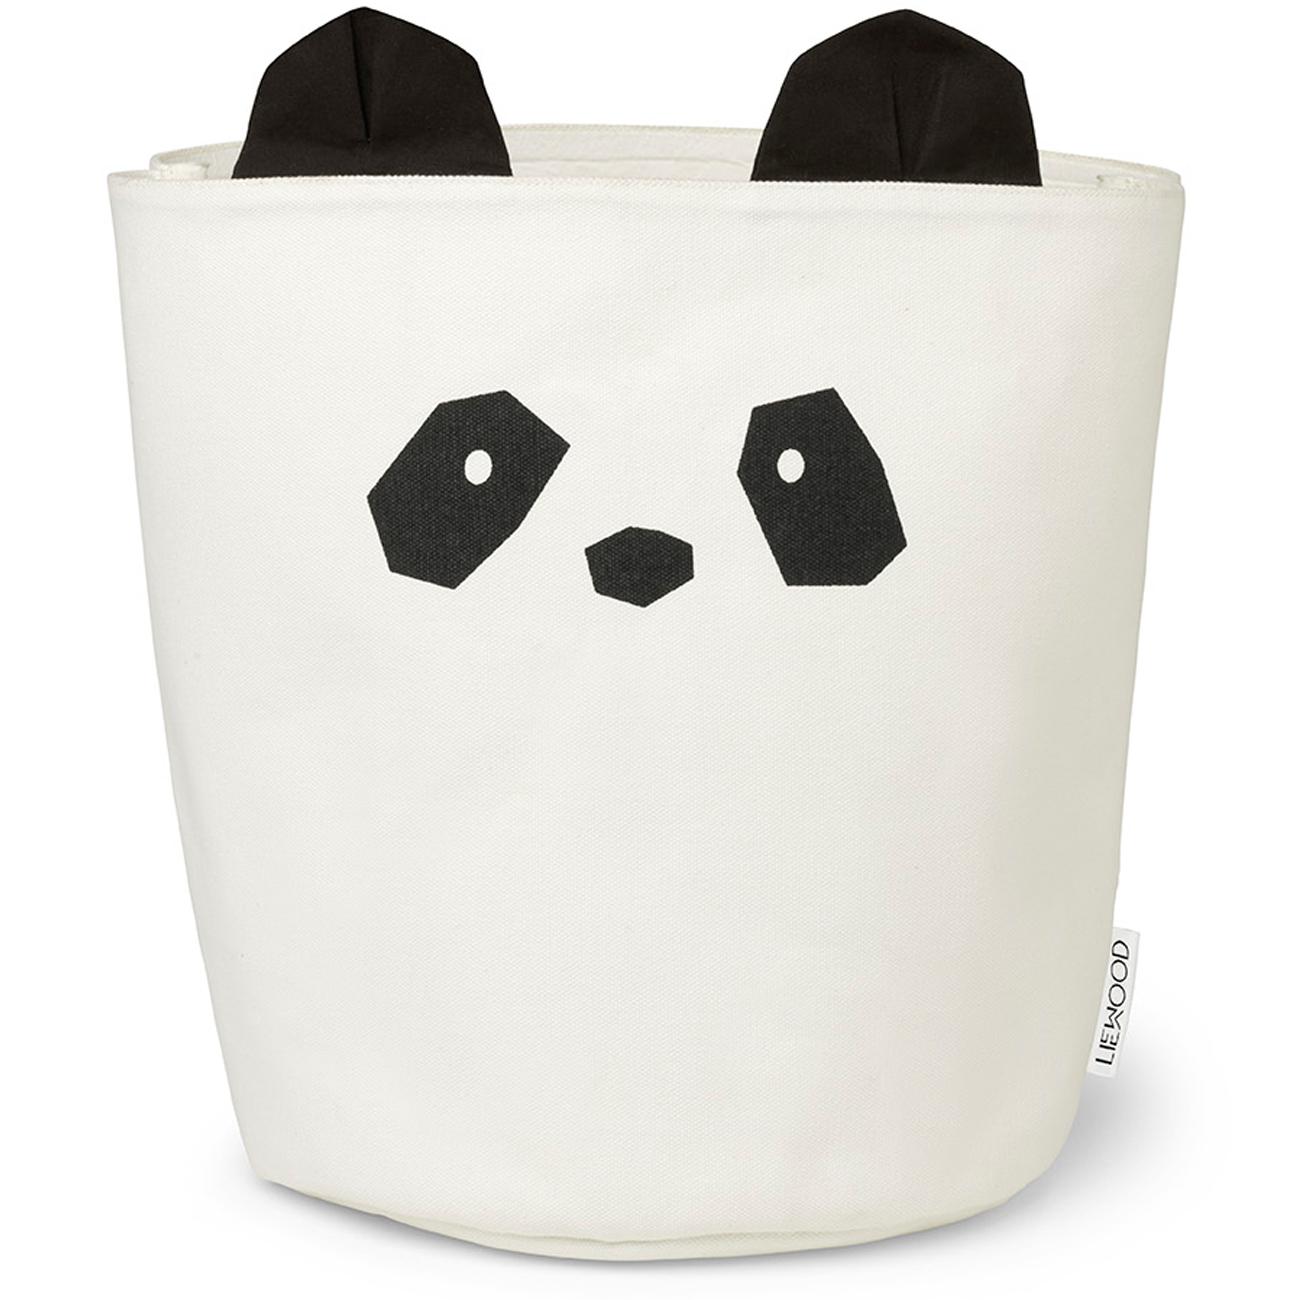 Stofkurv fra Liewood - Stor - Panda